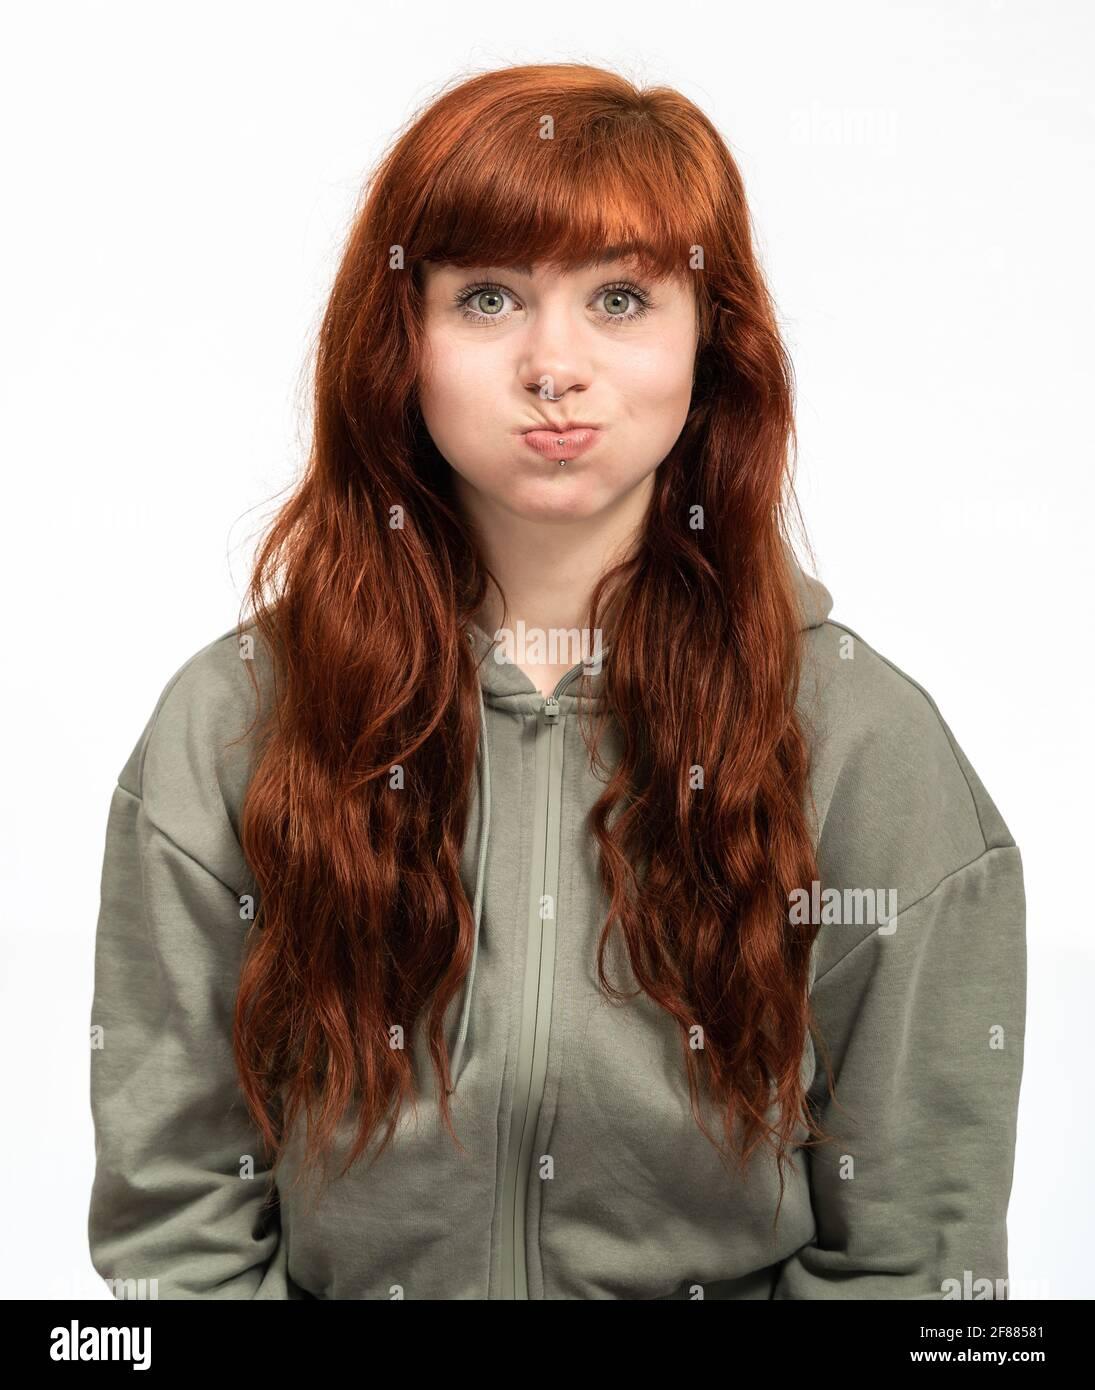 Chubby Redhead Pics